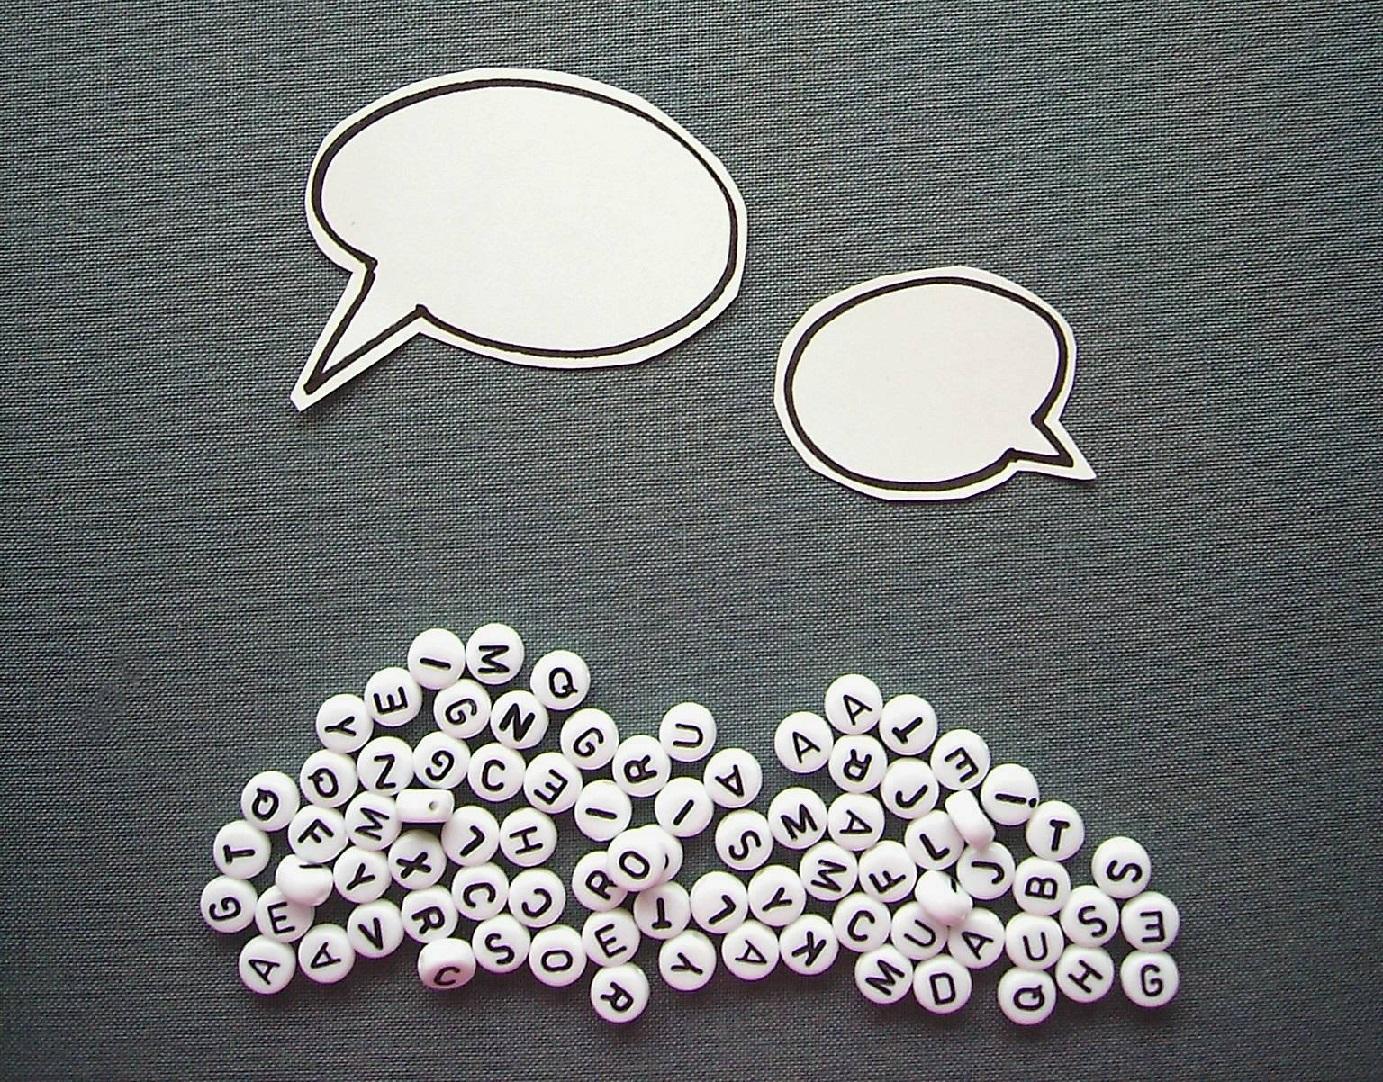 """Bild: """"Mir fehlen die Worte"""" von knallgrün. Quelle: Photocase"""